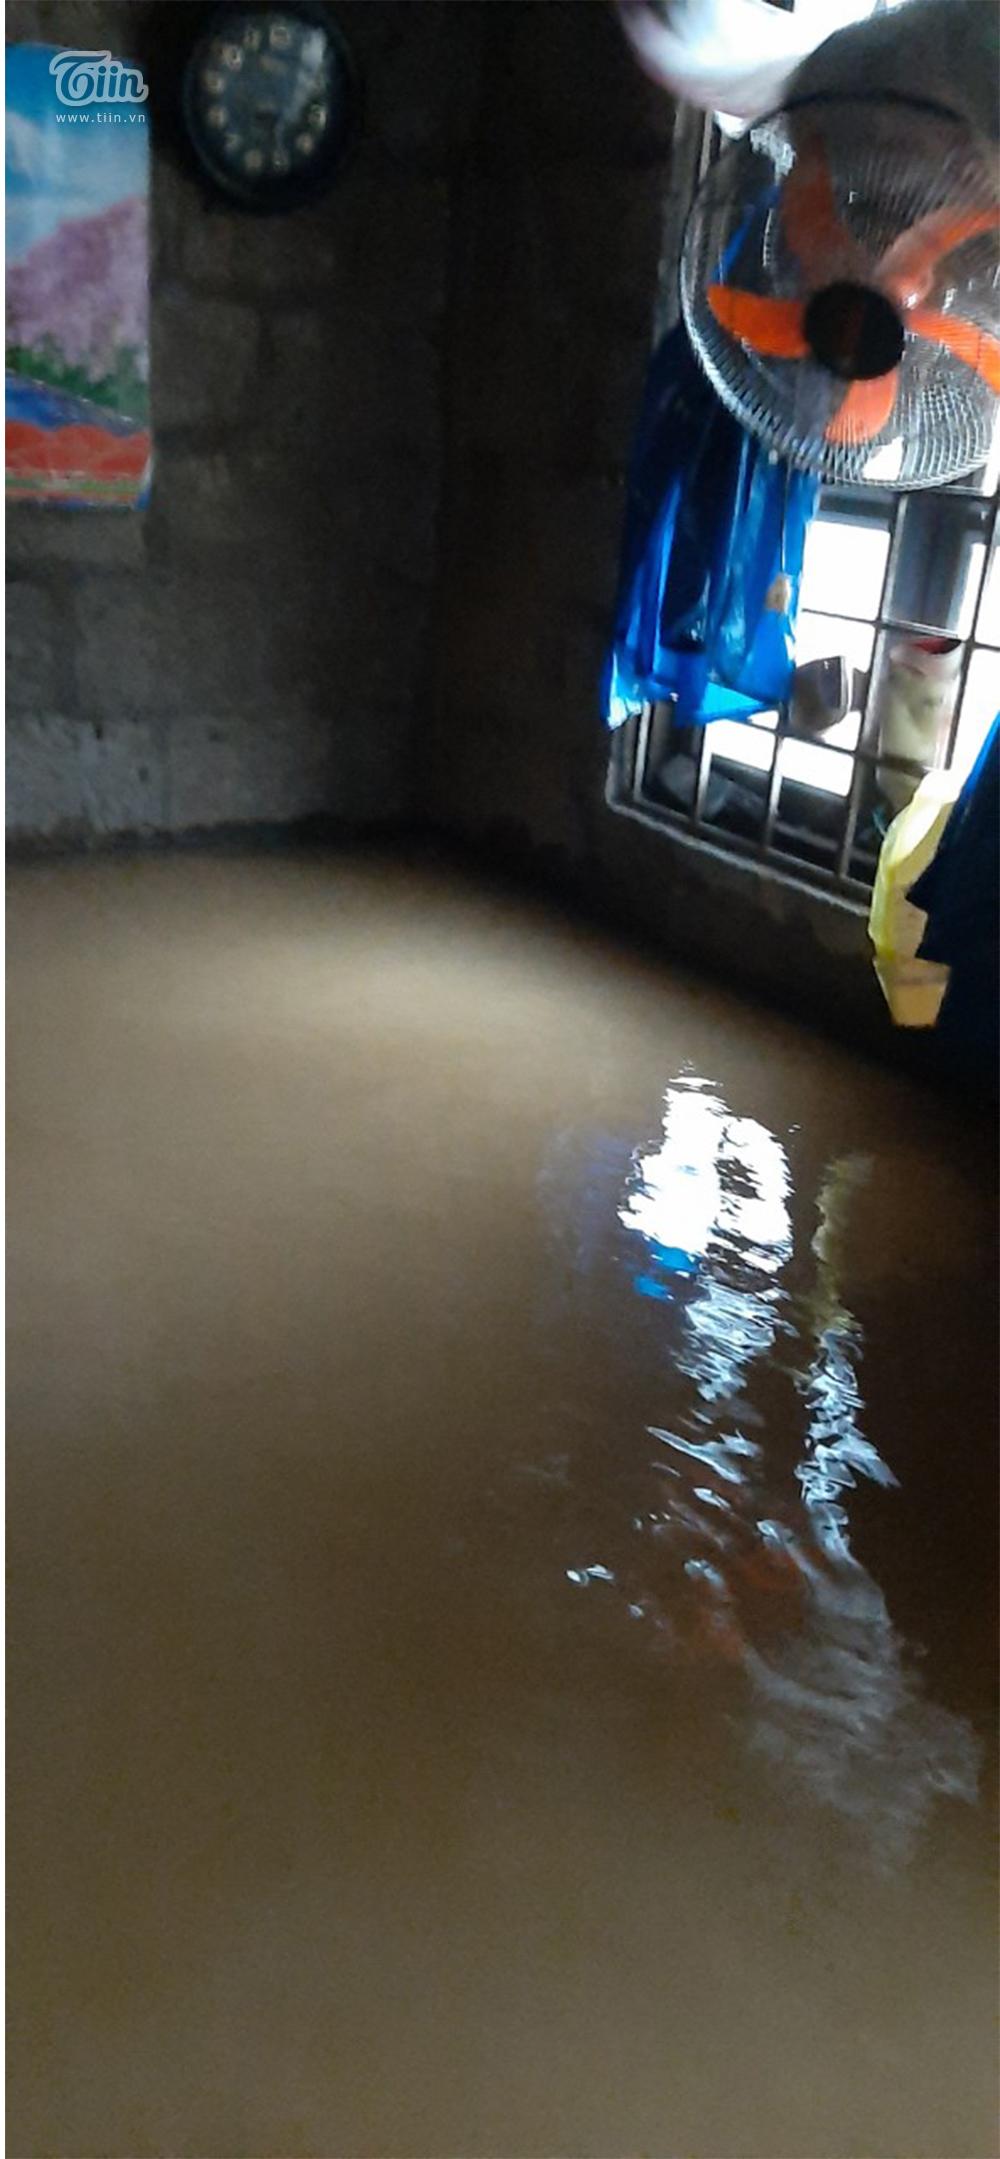 Mưa lũ miền Trung gây ngập nặng: Mong trời đừng mưa nữa, nhà mệ ngập hết rồi-4